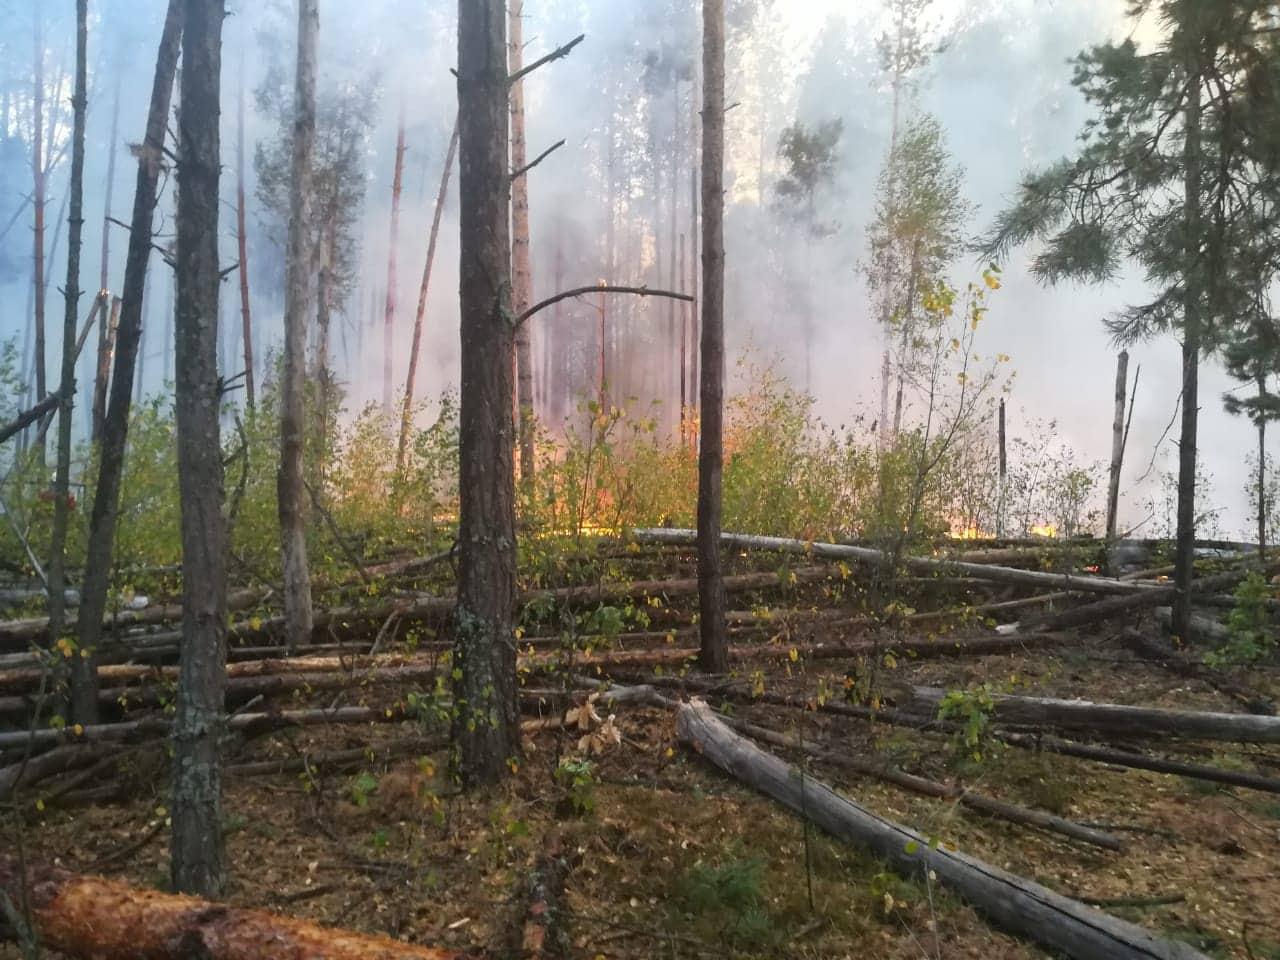 У гасінні лісу в Чорнобильській зоні задіяна авіація -  - 70159000 2461686587395943 6184443080184168448 n